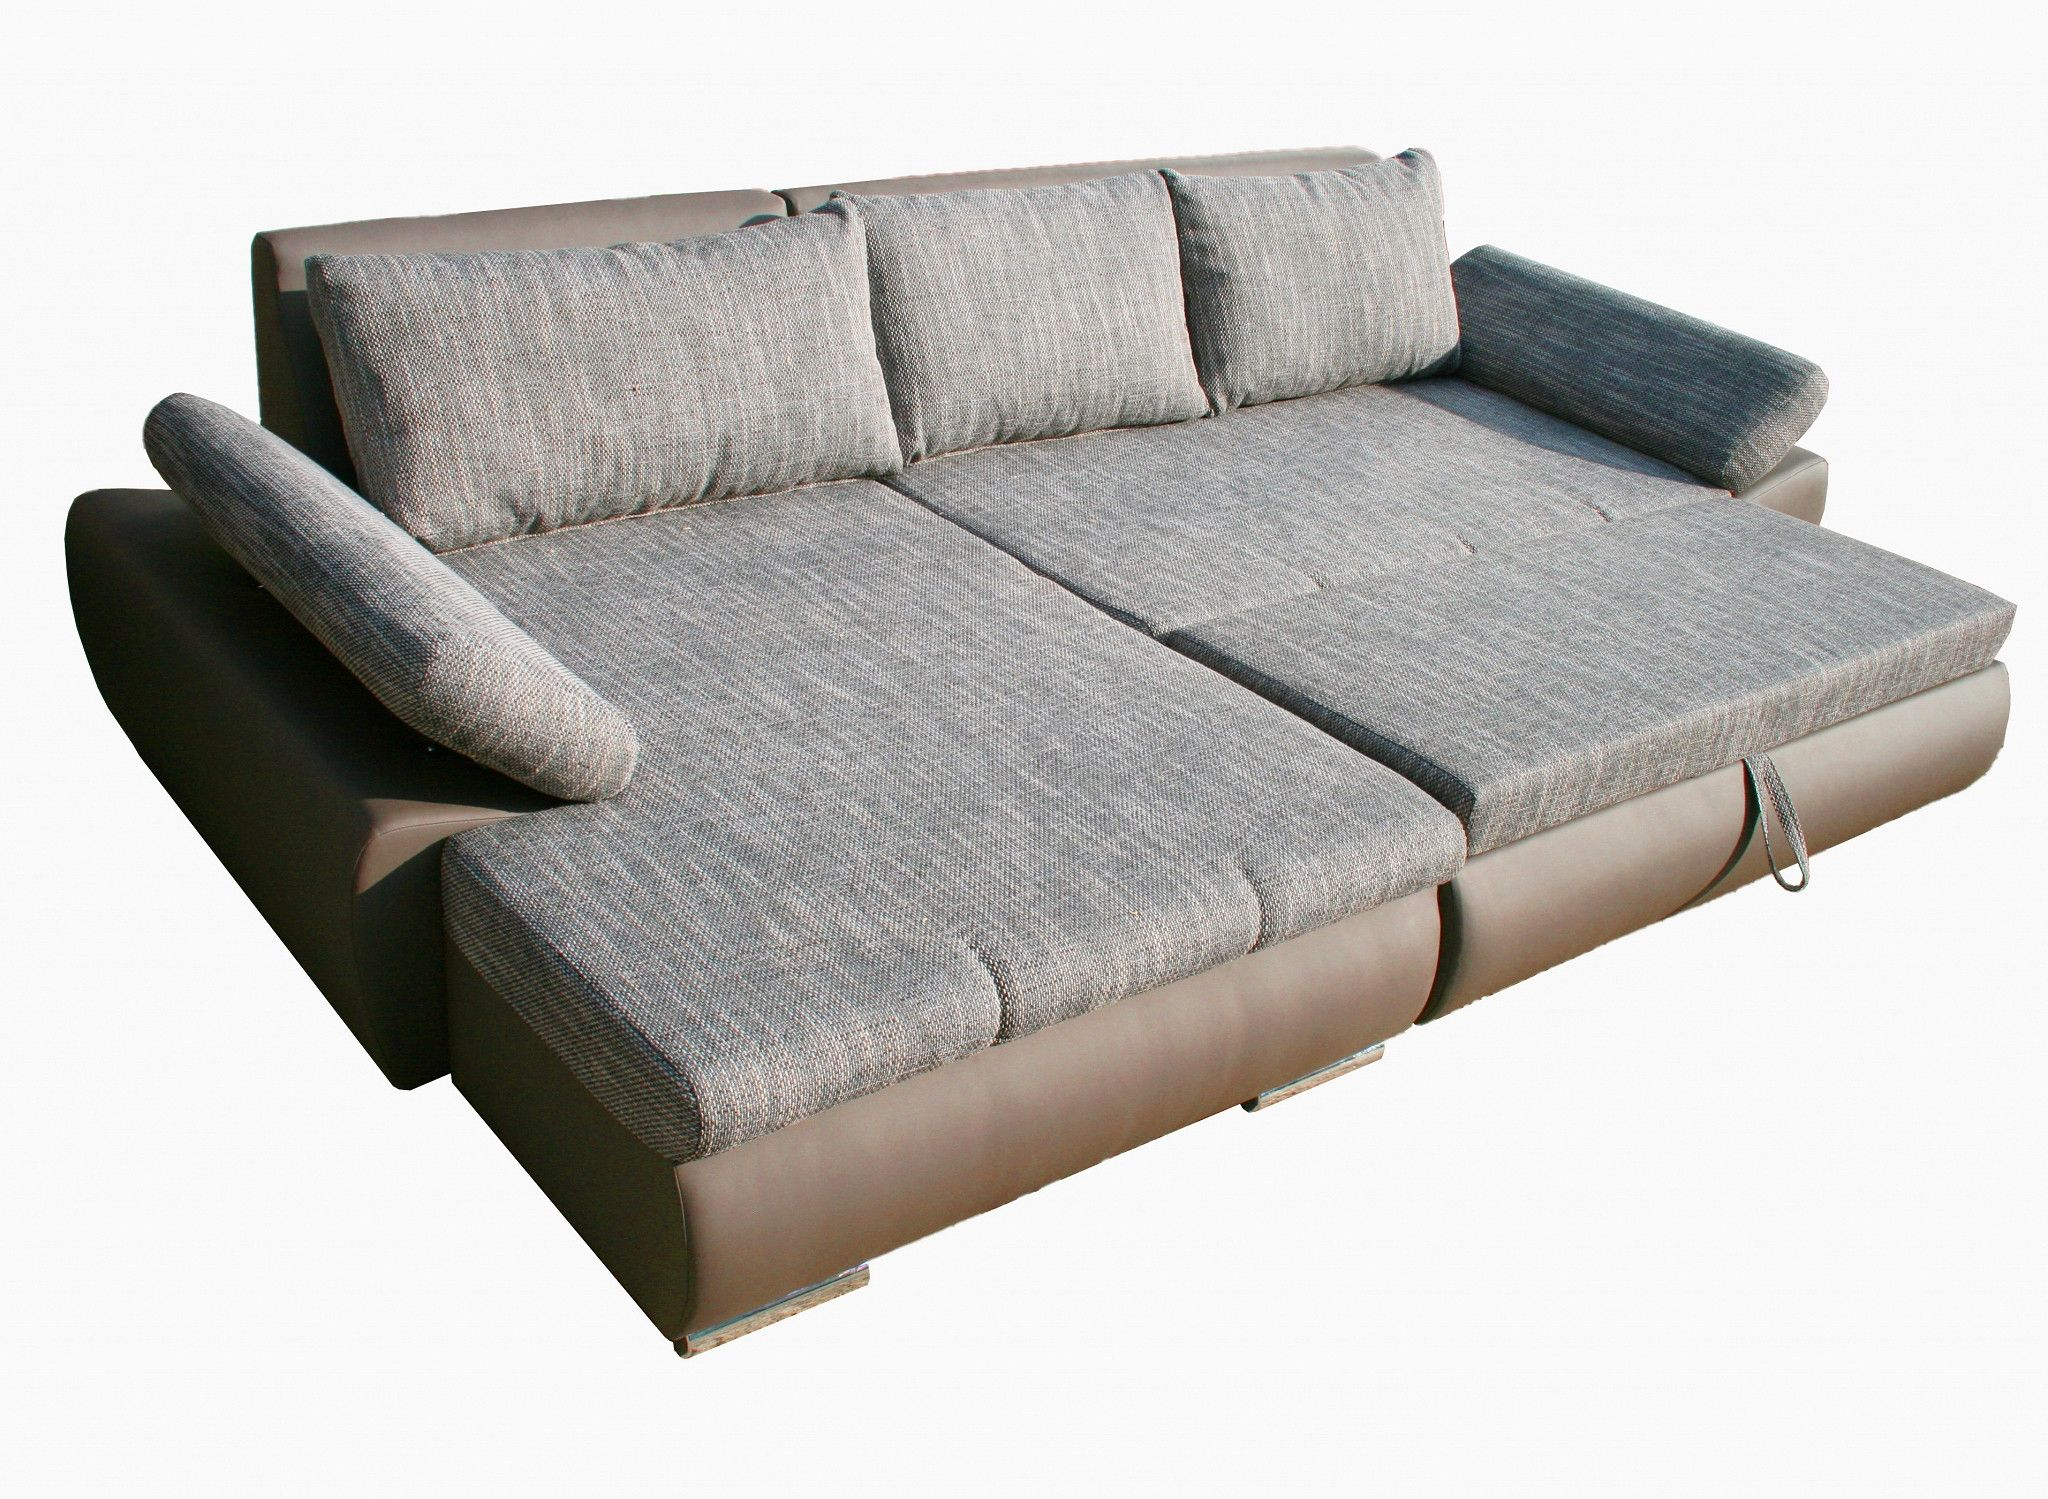 Sofa Mit Schlaffunktion Fresh Sofa Mit Schlaffunktion Karma Couchgarnitur Ecksofa Di 2020